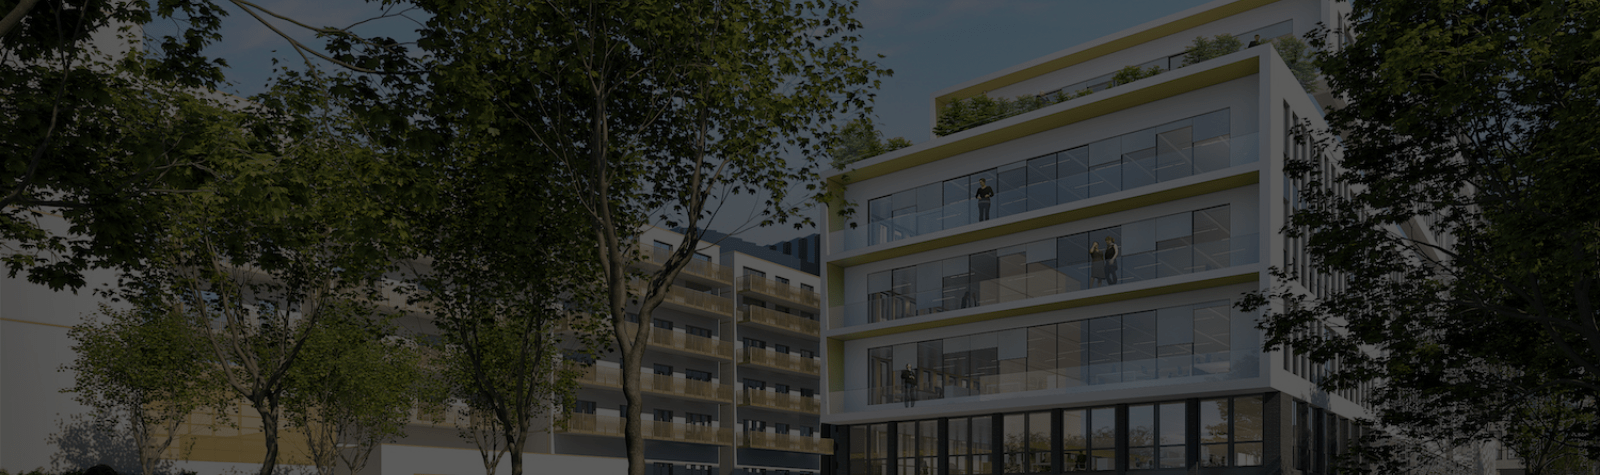 Hemisphere et Bain Capital Credit acquièrent un projet de bureaux à Bagneux